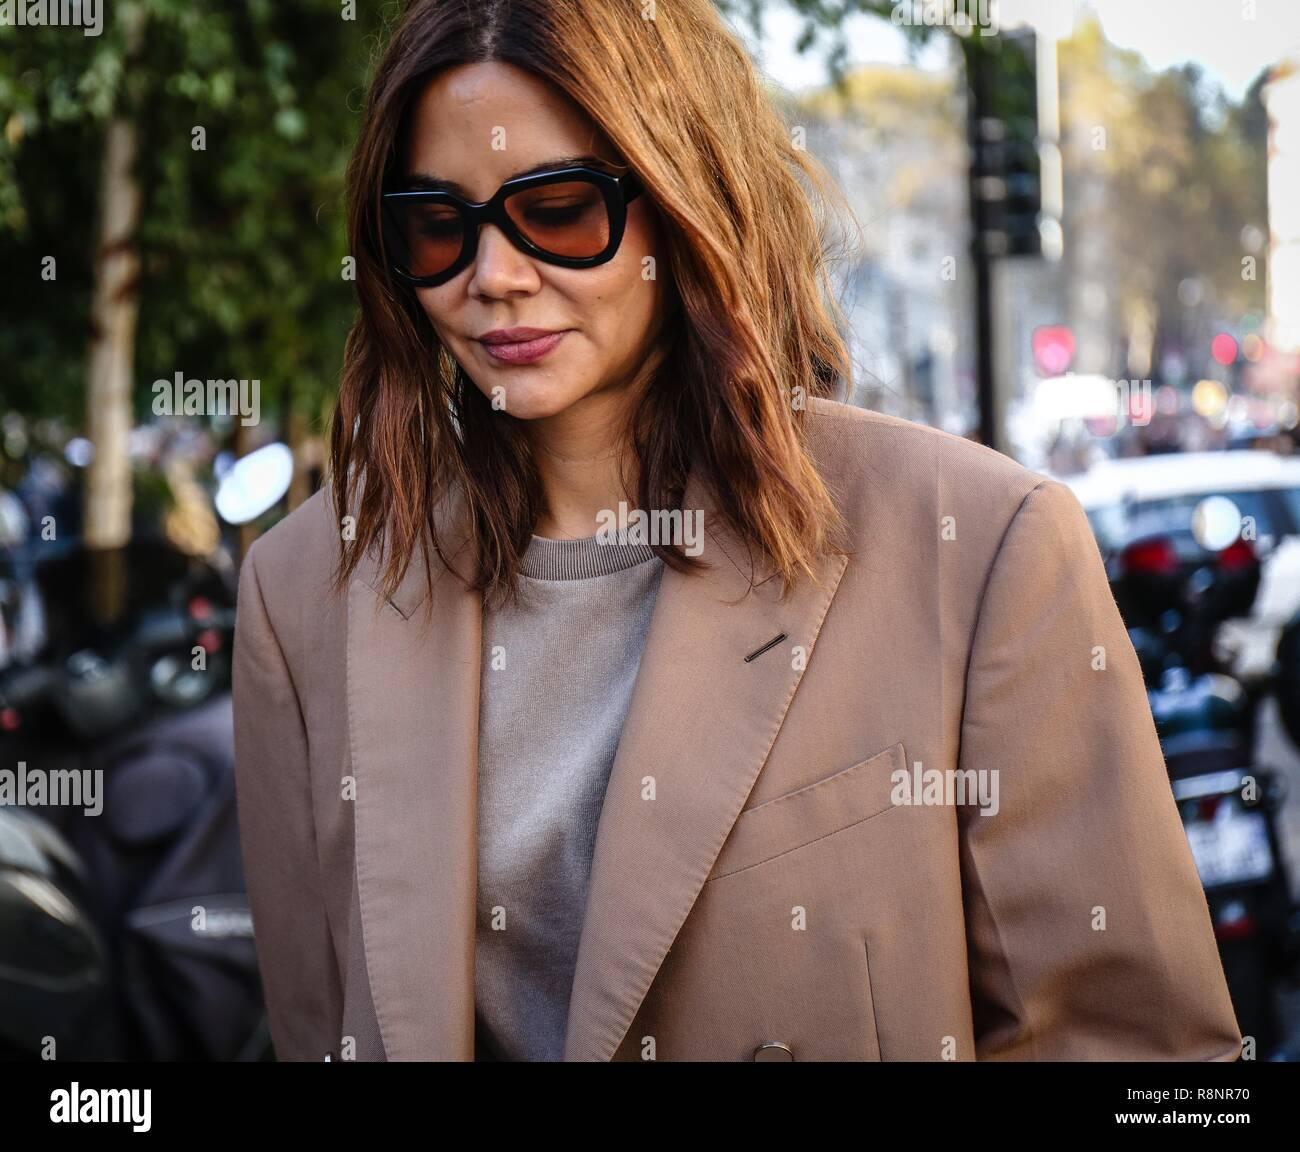 c85dab69311c PARIS, France - 27 septembre 2018 : Christine Centenera dans la rue au  cours de